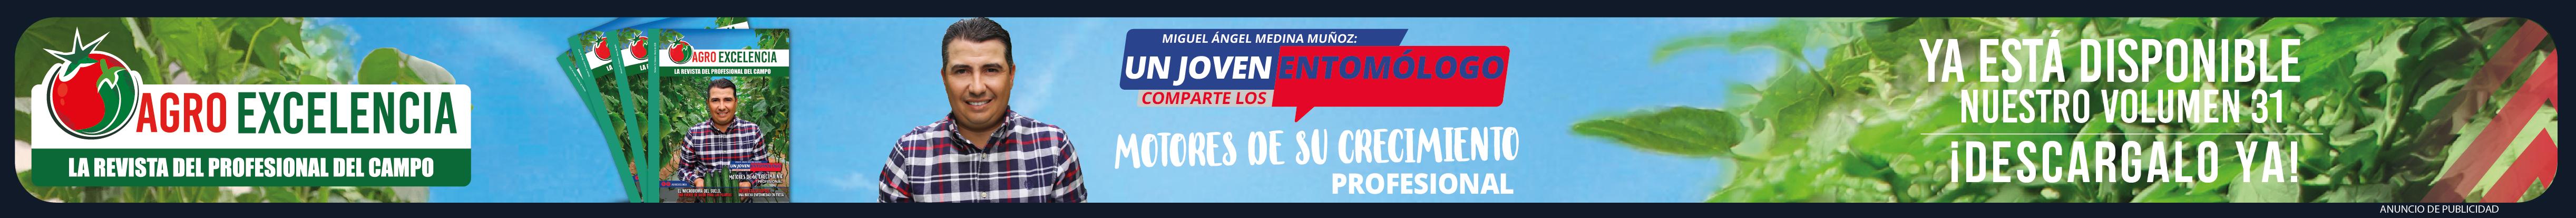 https://agroexcelencia.com/wp-content/uploads/2020/02/Slide-anuncio_1.png